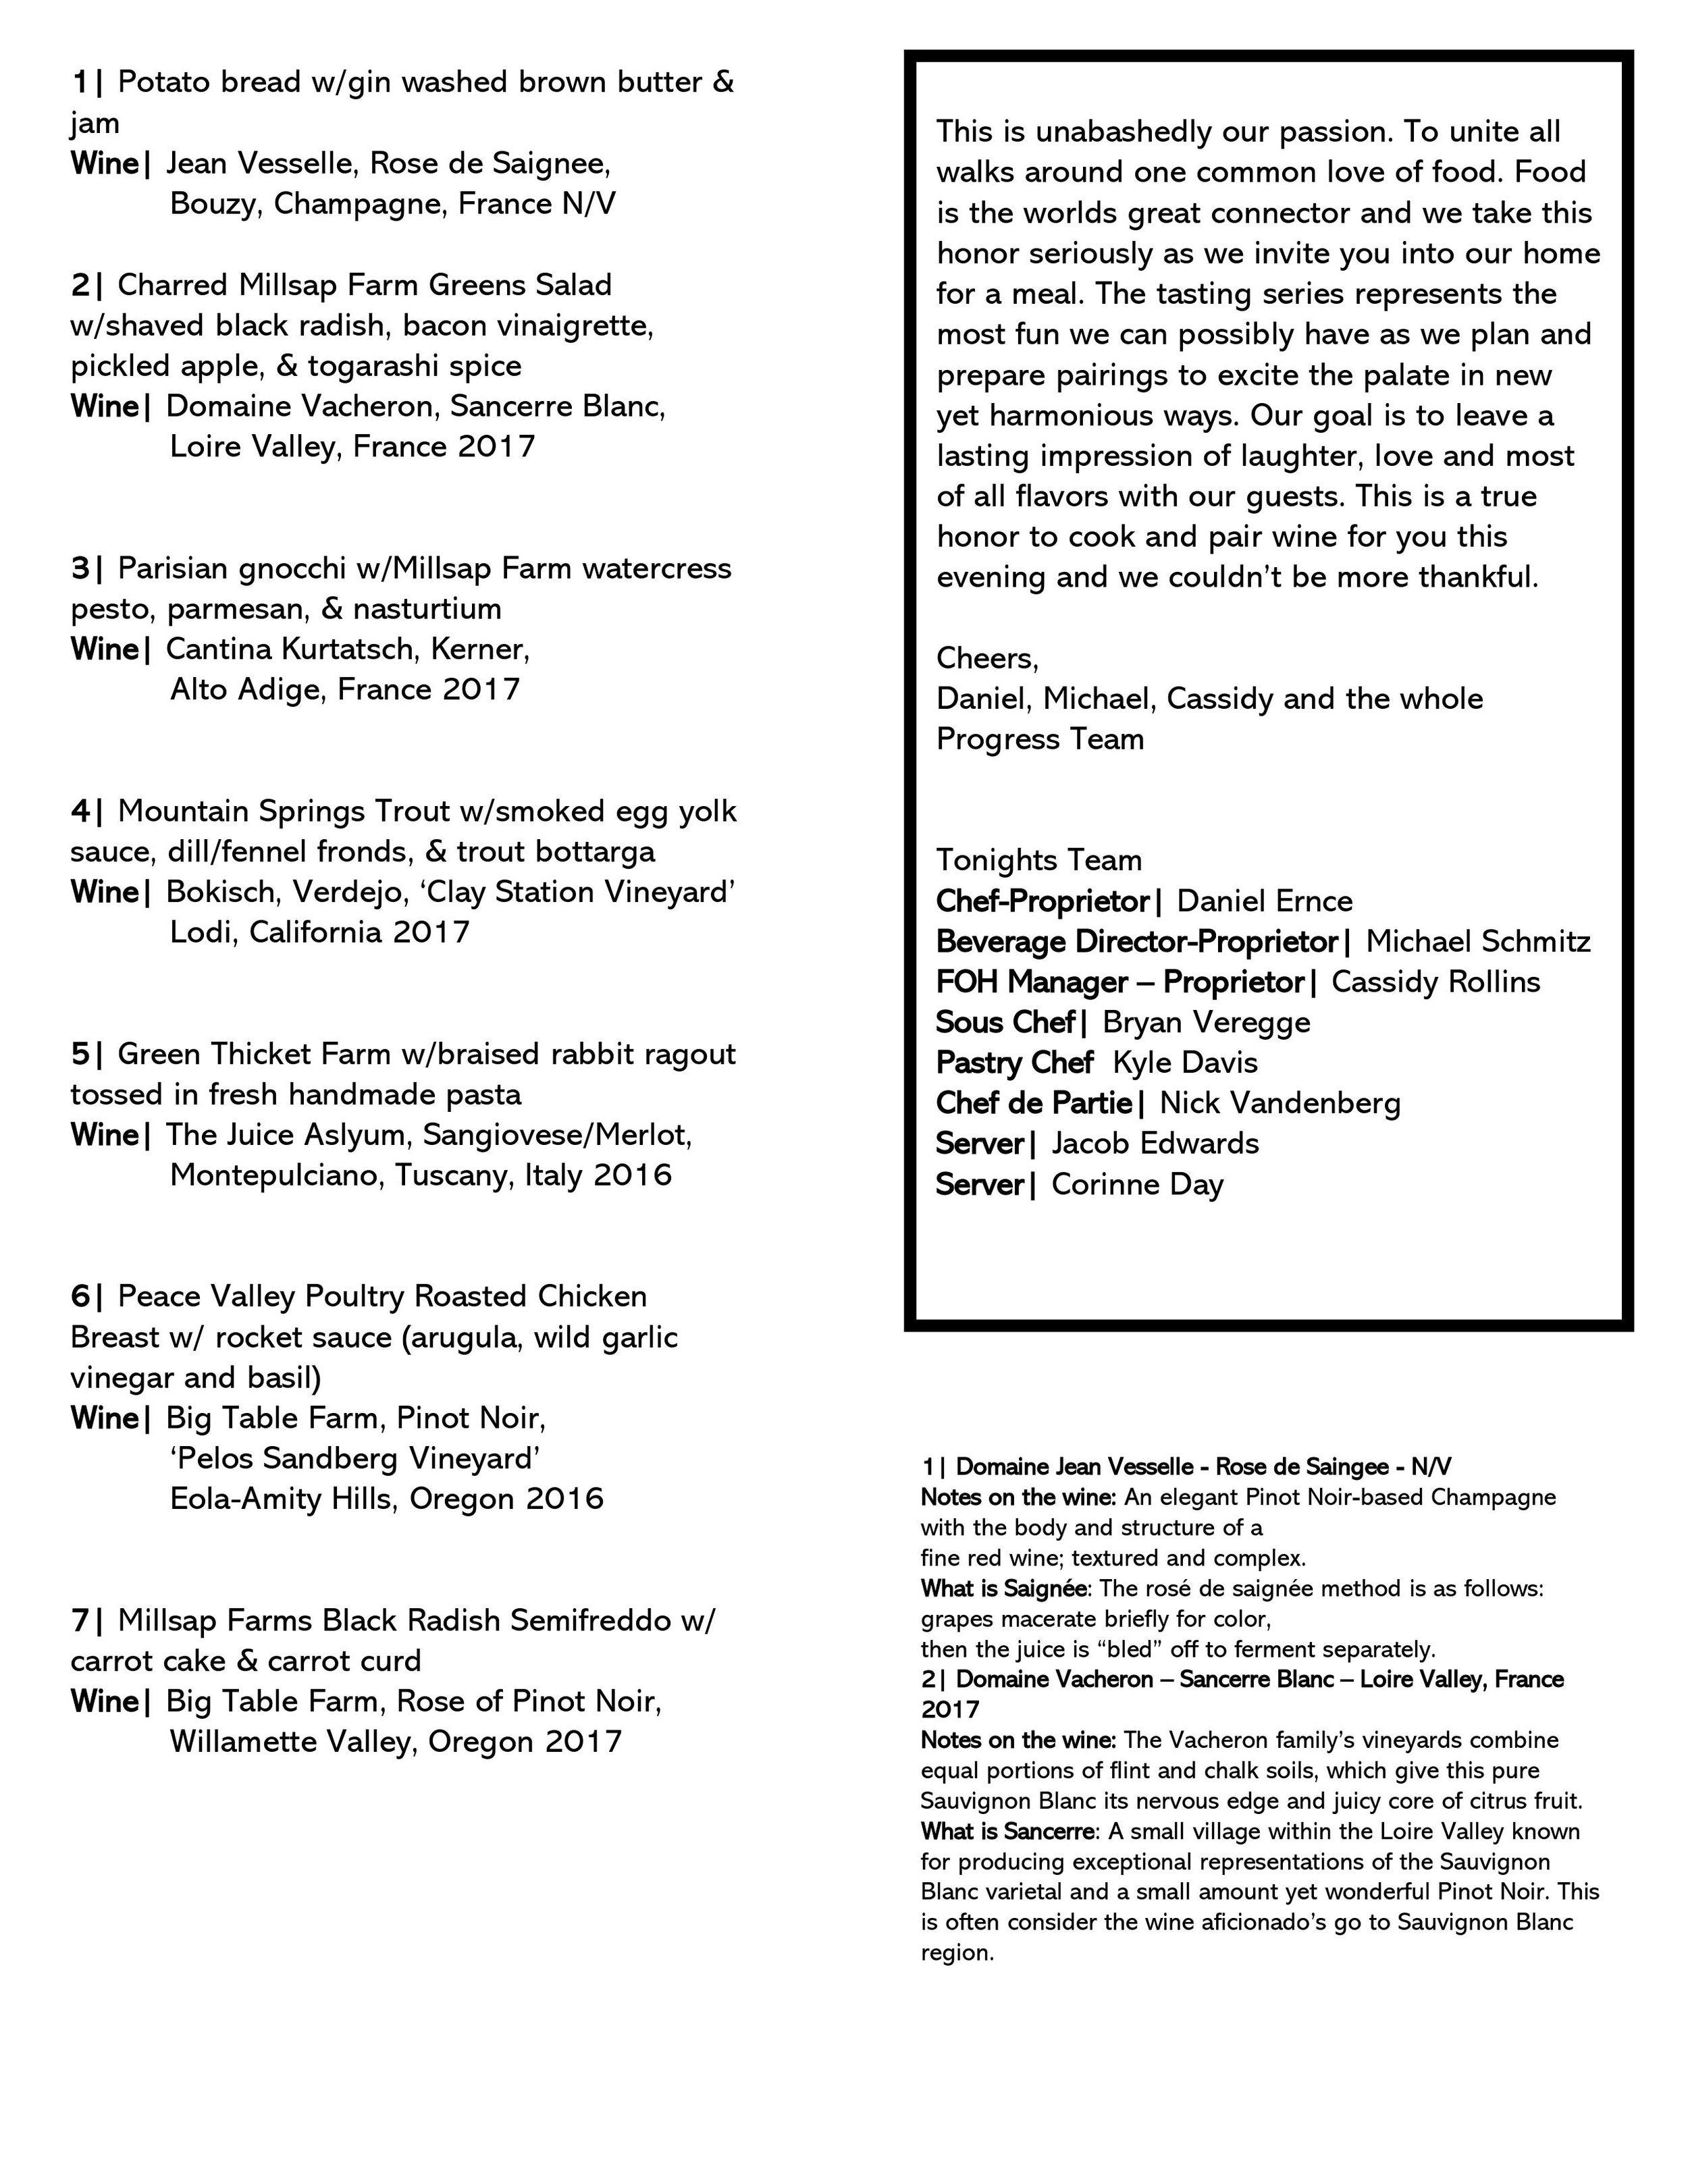 Tasting menu 003.jpg